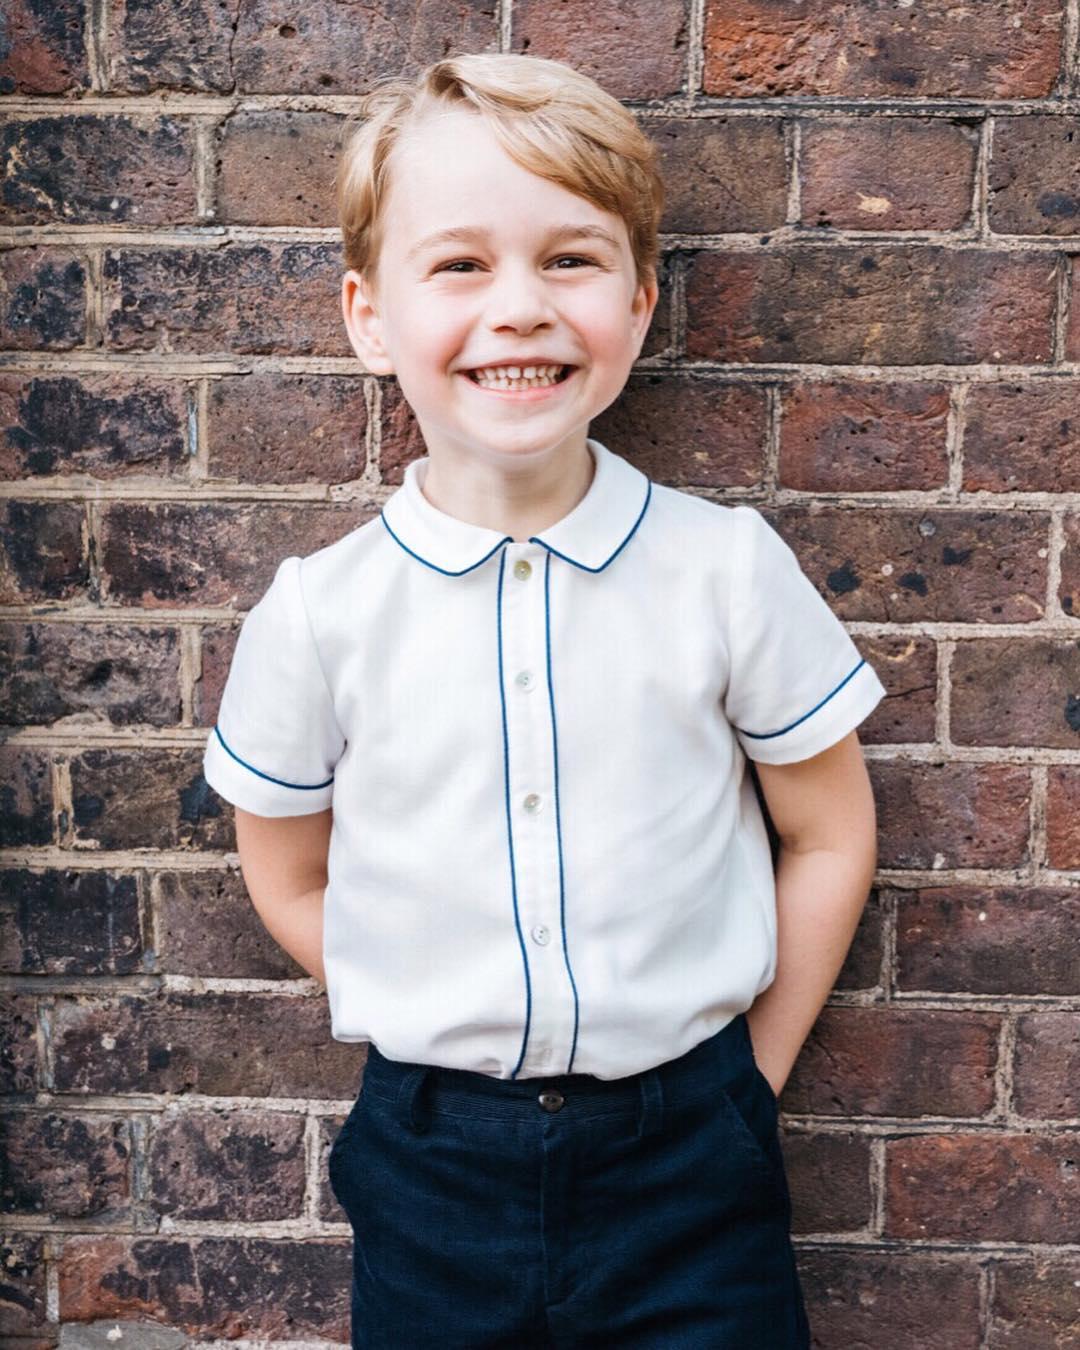 Prințul George al Marii Britanii împlinește 5 ani. Cum arată portretul oficial